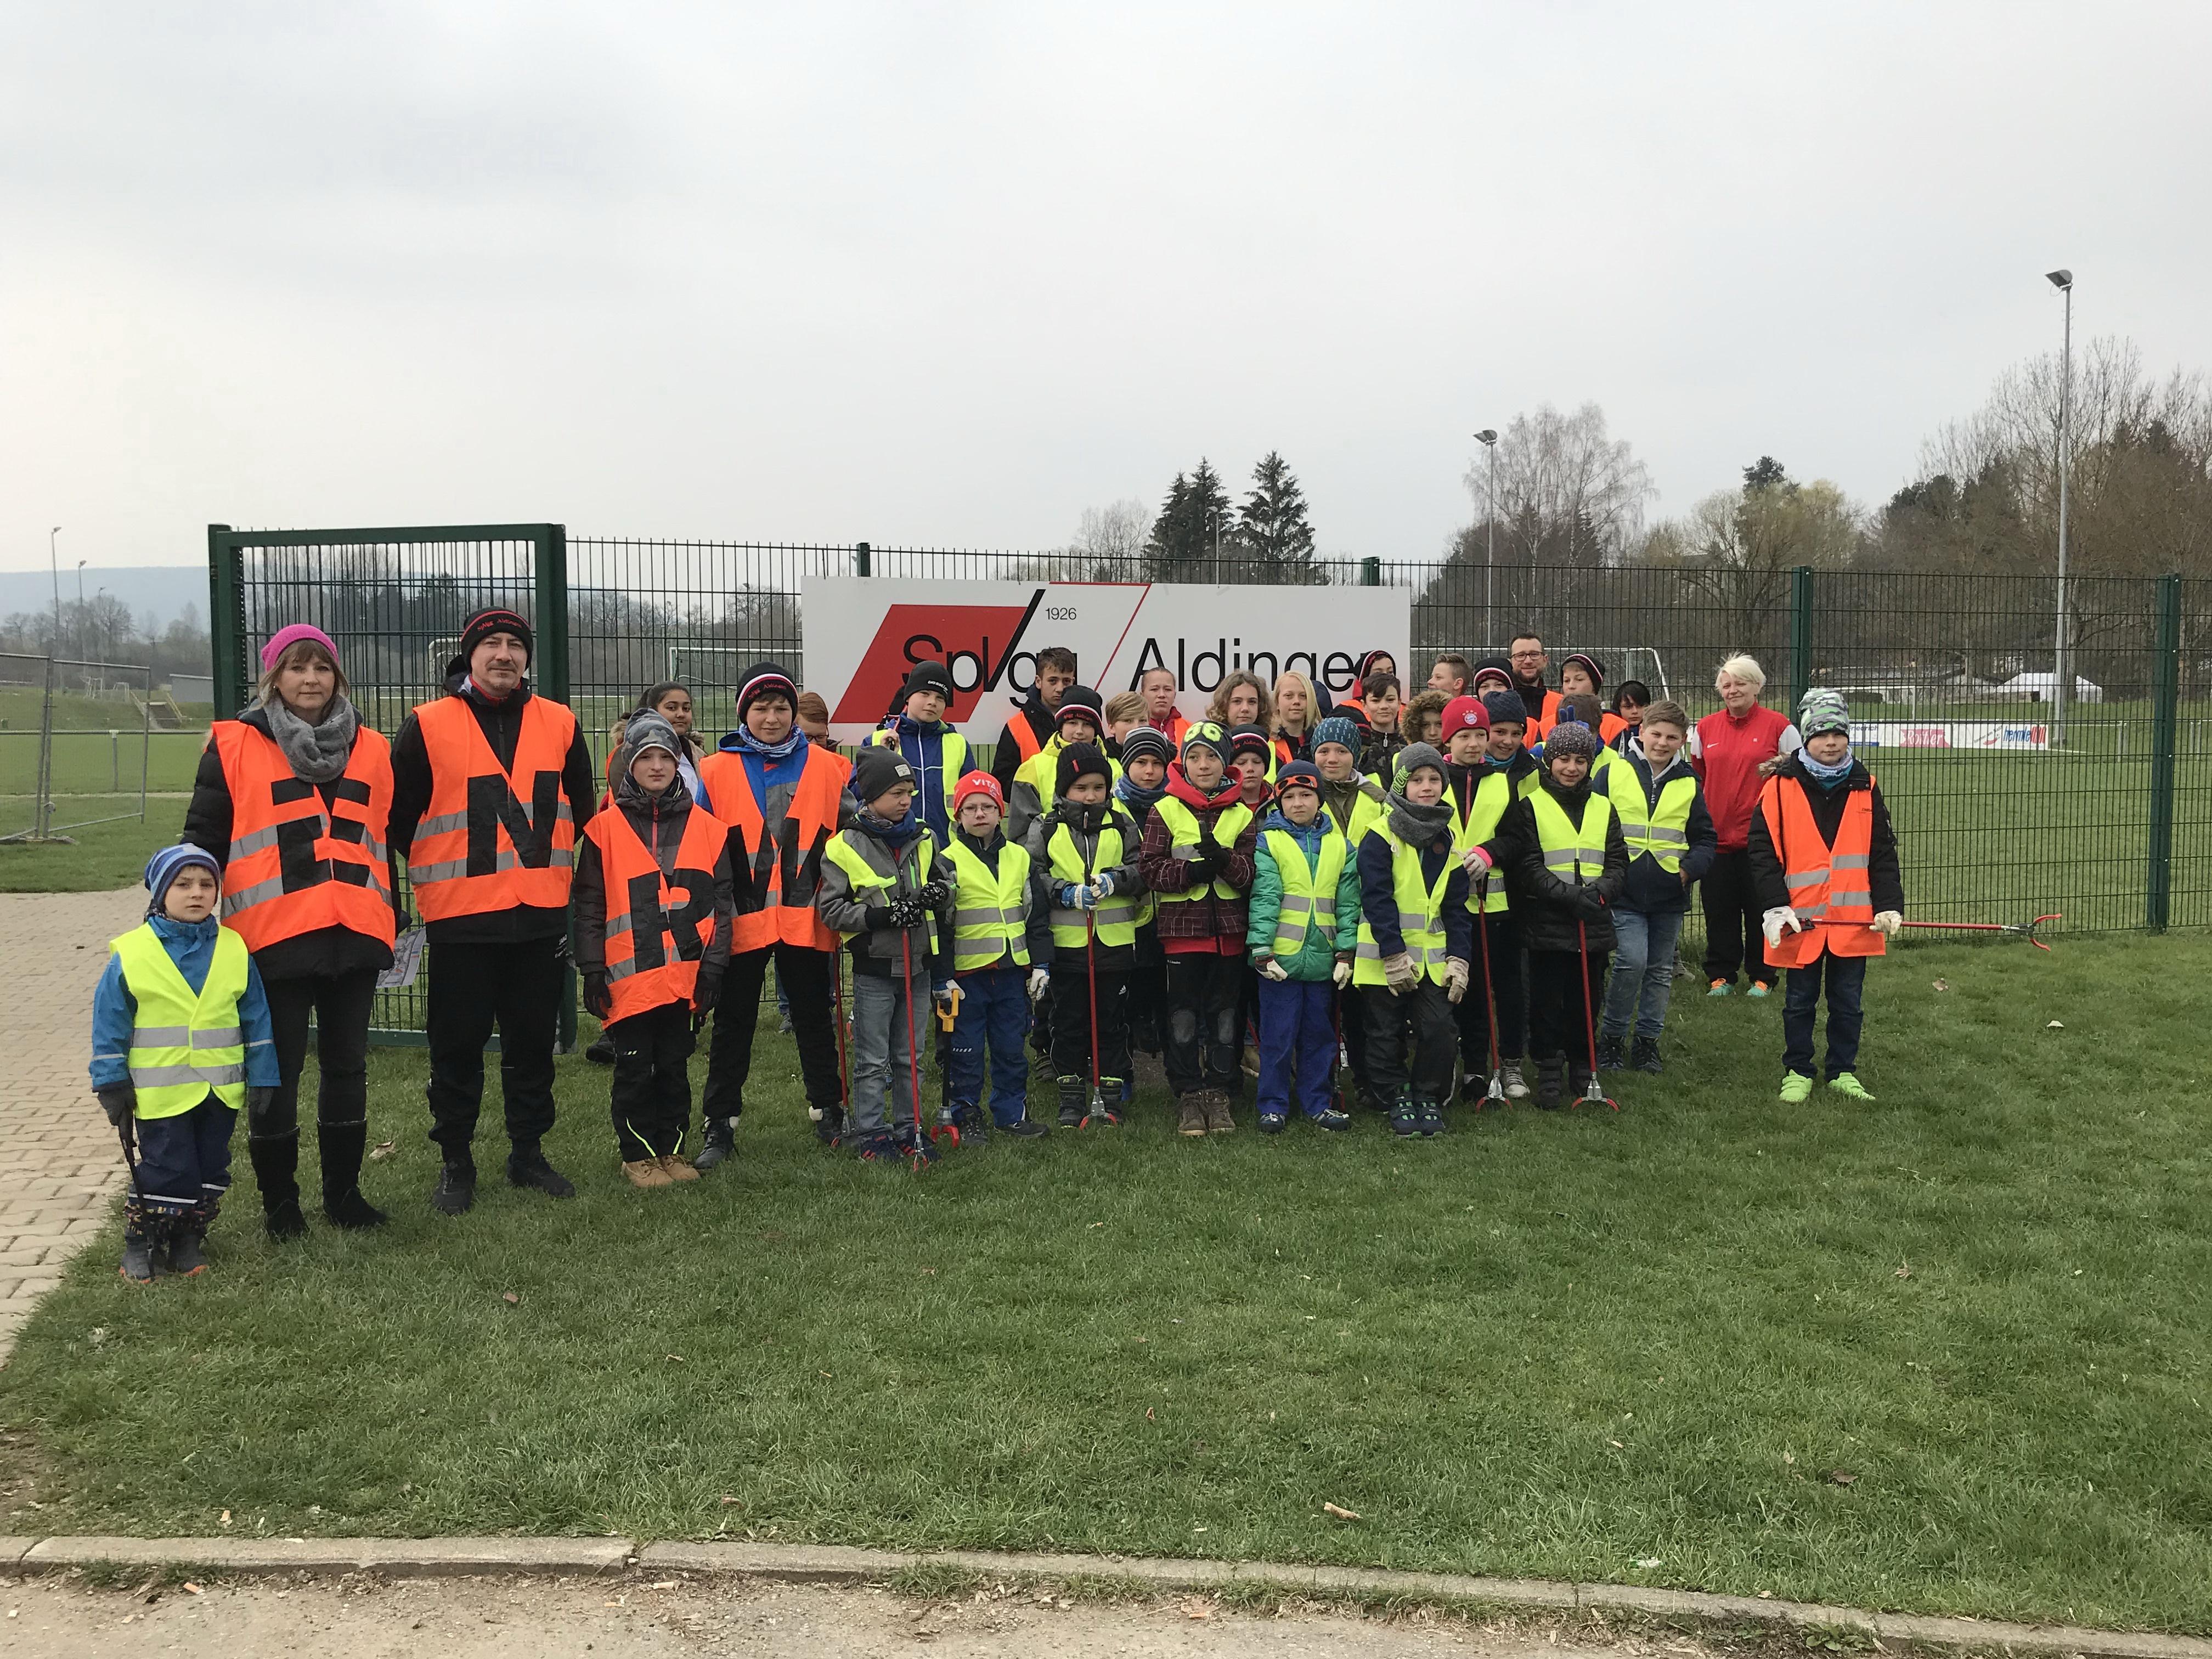 Mitglieder der Spielvereinigung Aldingen beteiligten sich an der ENRW-Dorfputzete 2019.